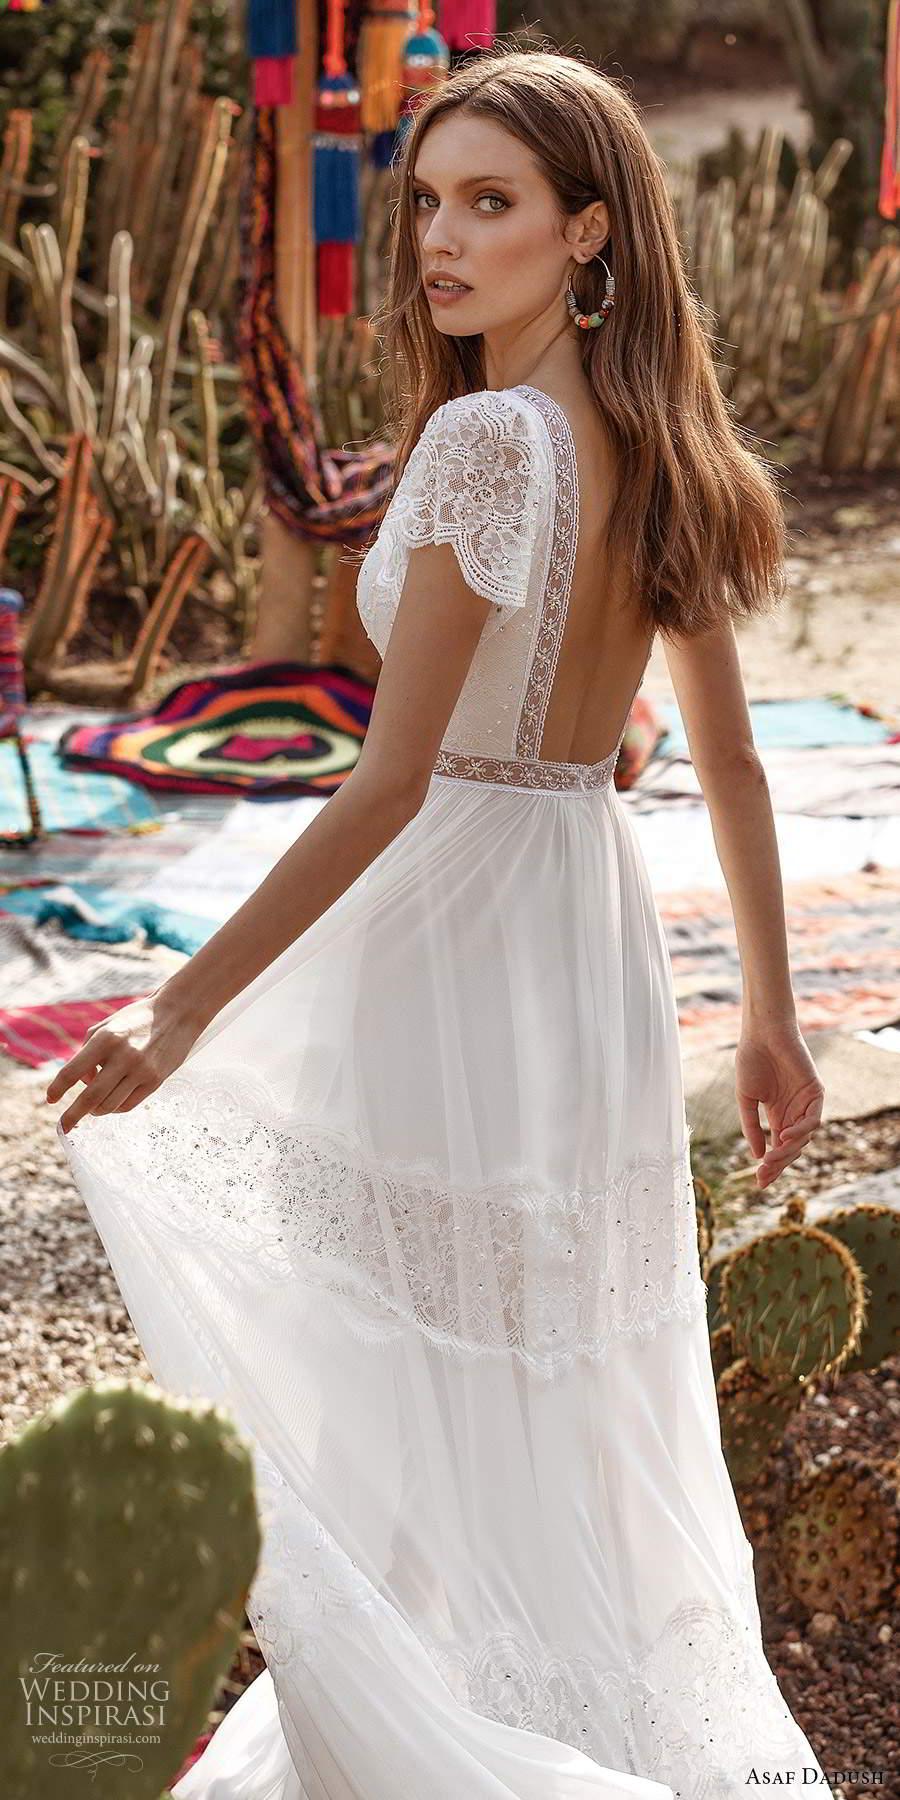 asaf dadush 2020 bridal short flutter sleeves plunging v neckline embellished lace boho a line wedding dress low back (1) zbv